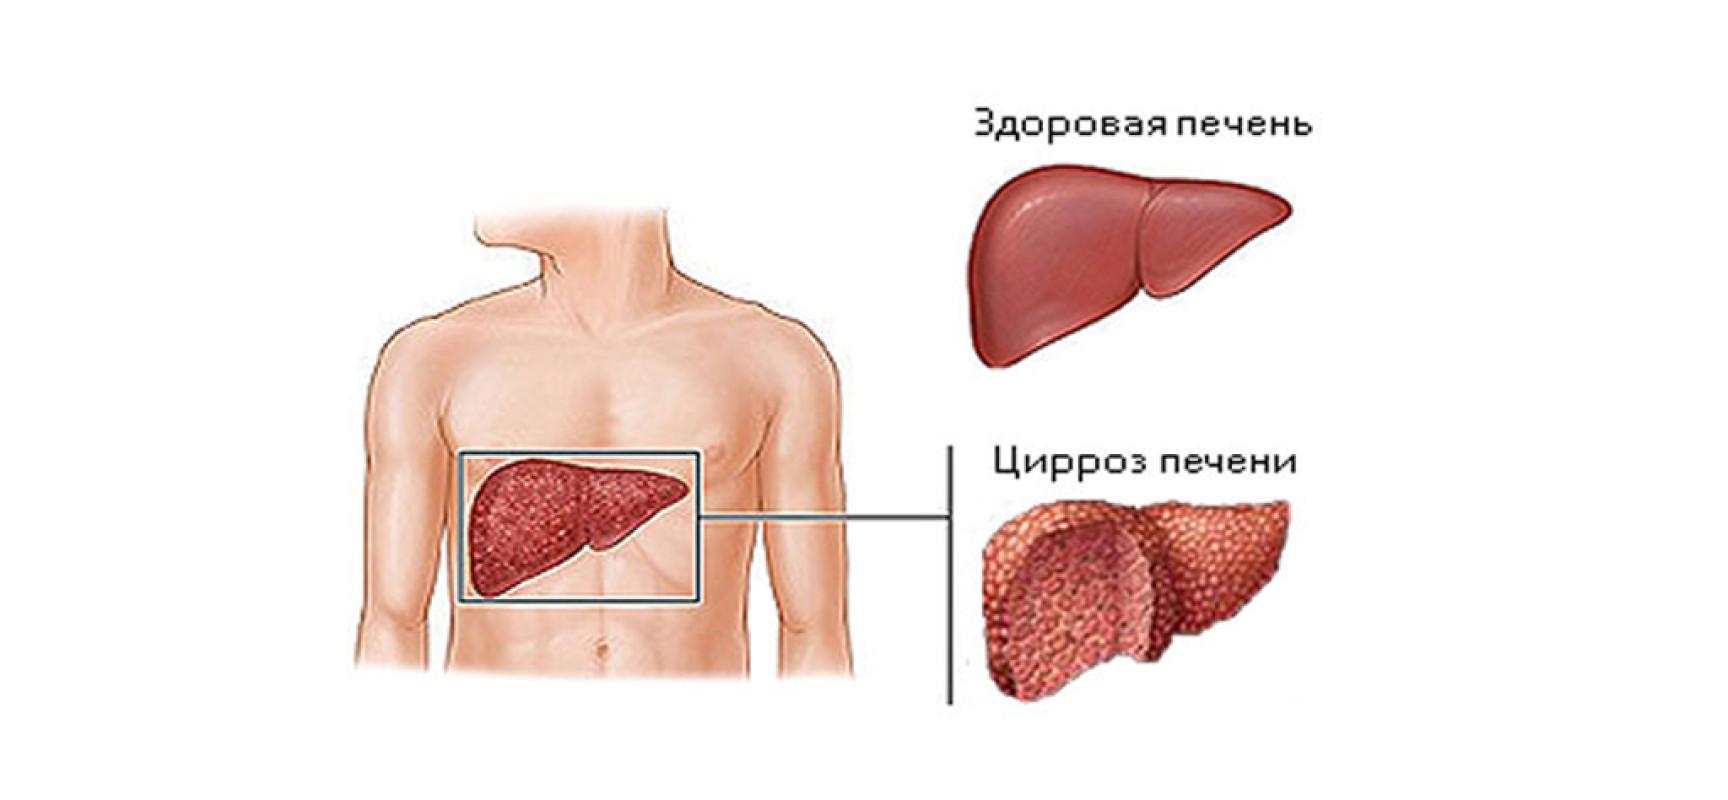 Гепатит у детей и лечение